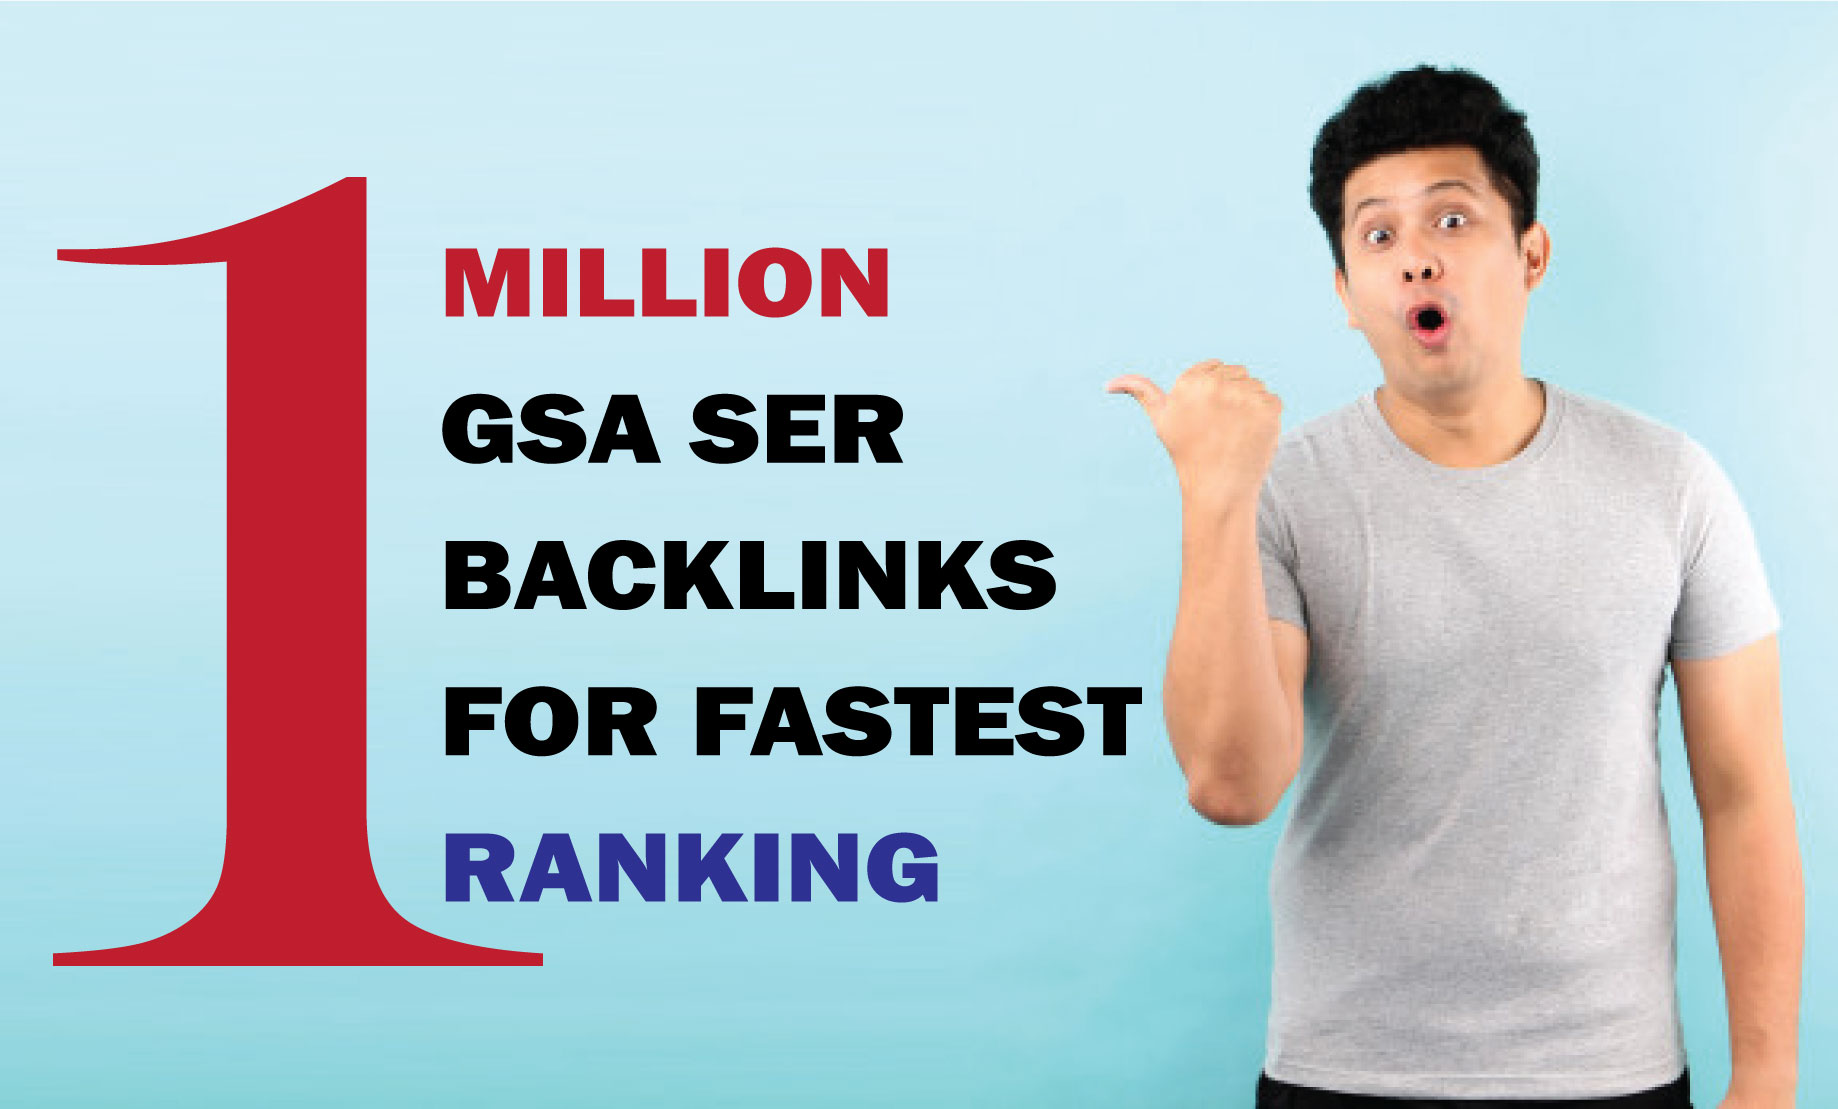 1 million GSA SER Backlinks easy Link Juice & Faster Index